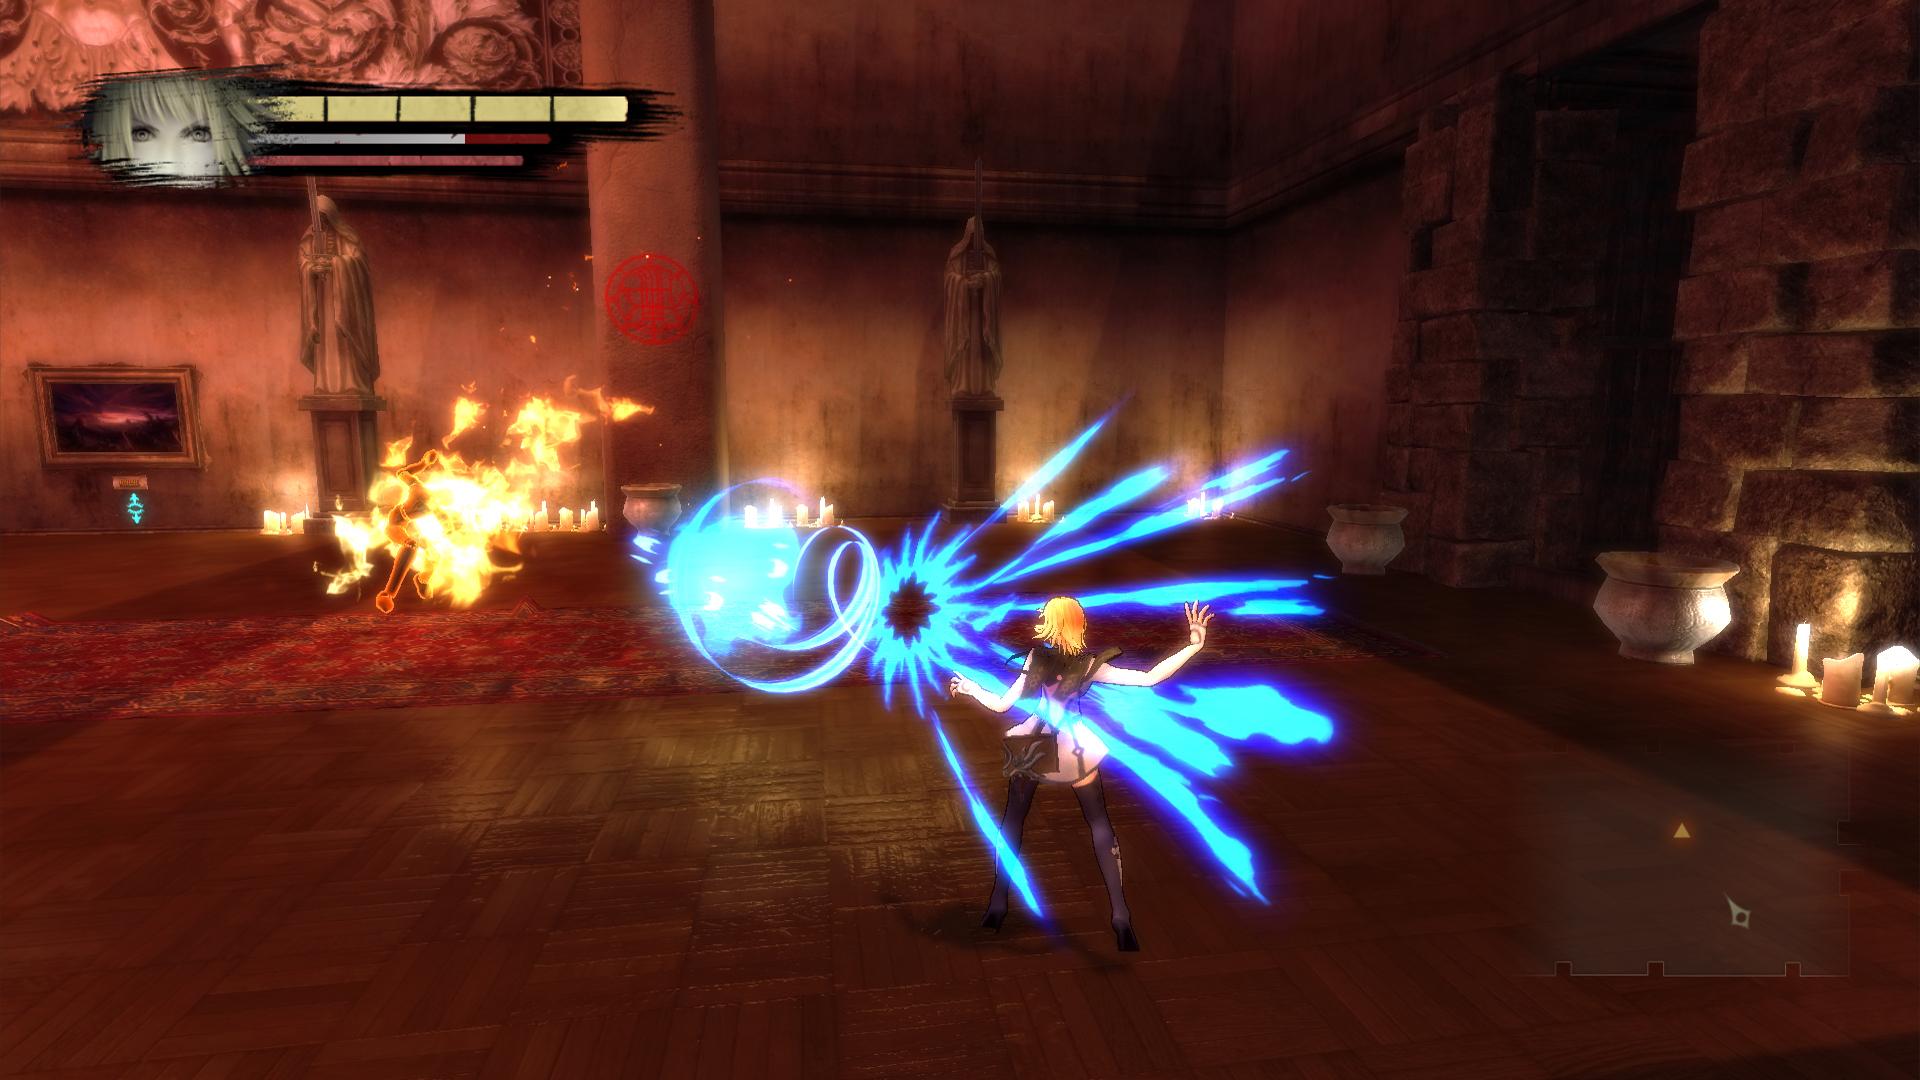 com.steam.380750-screenshot